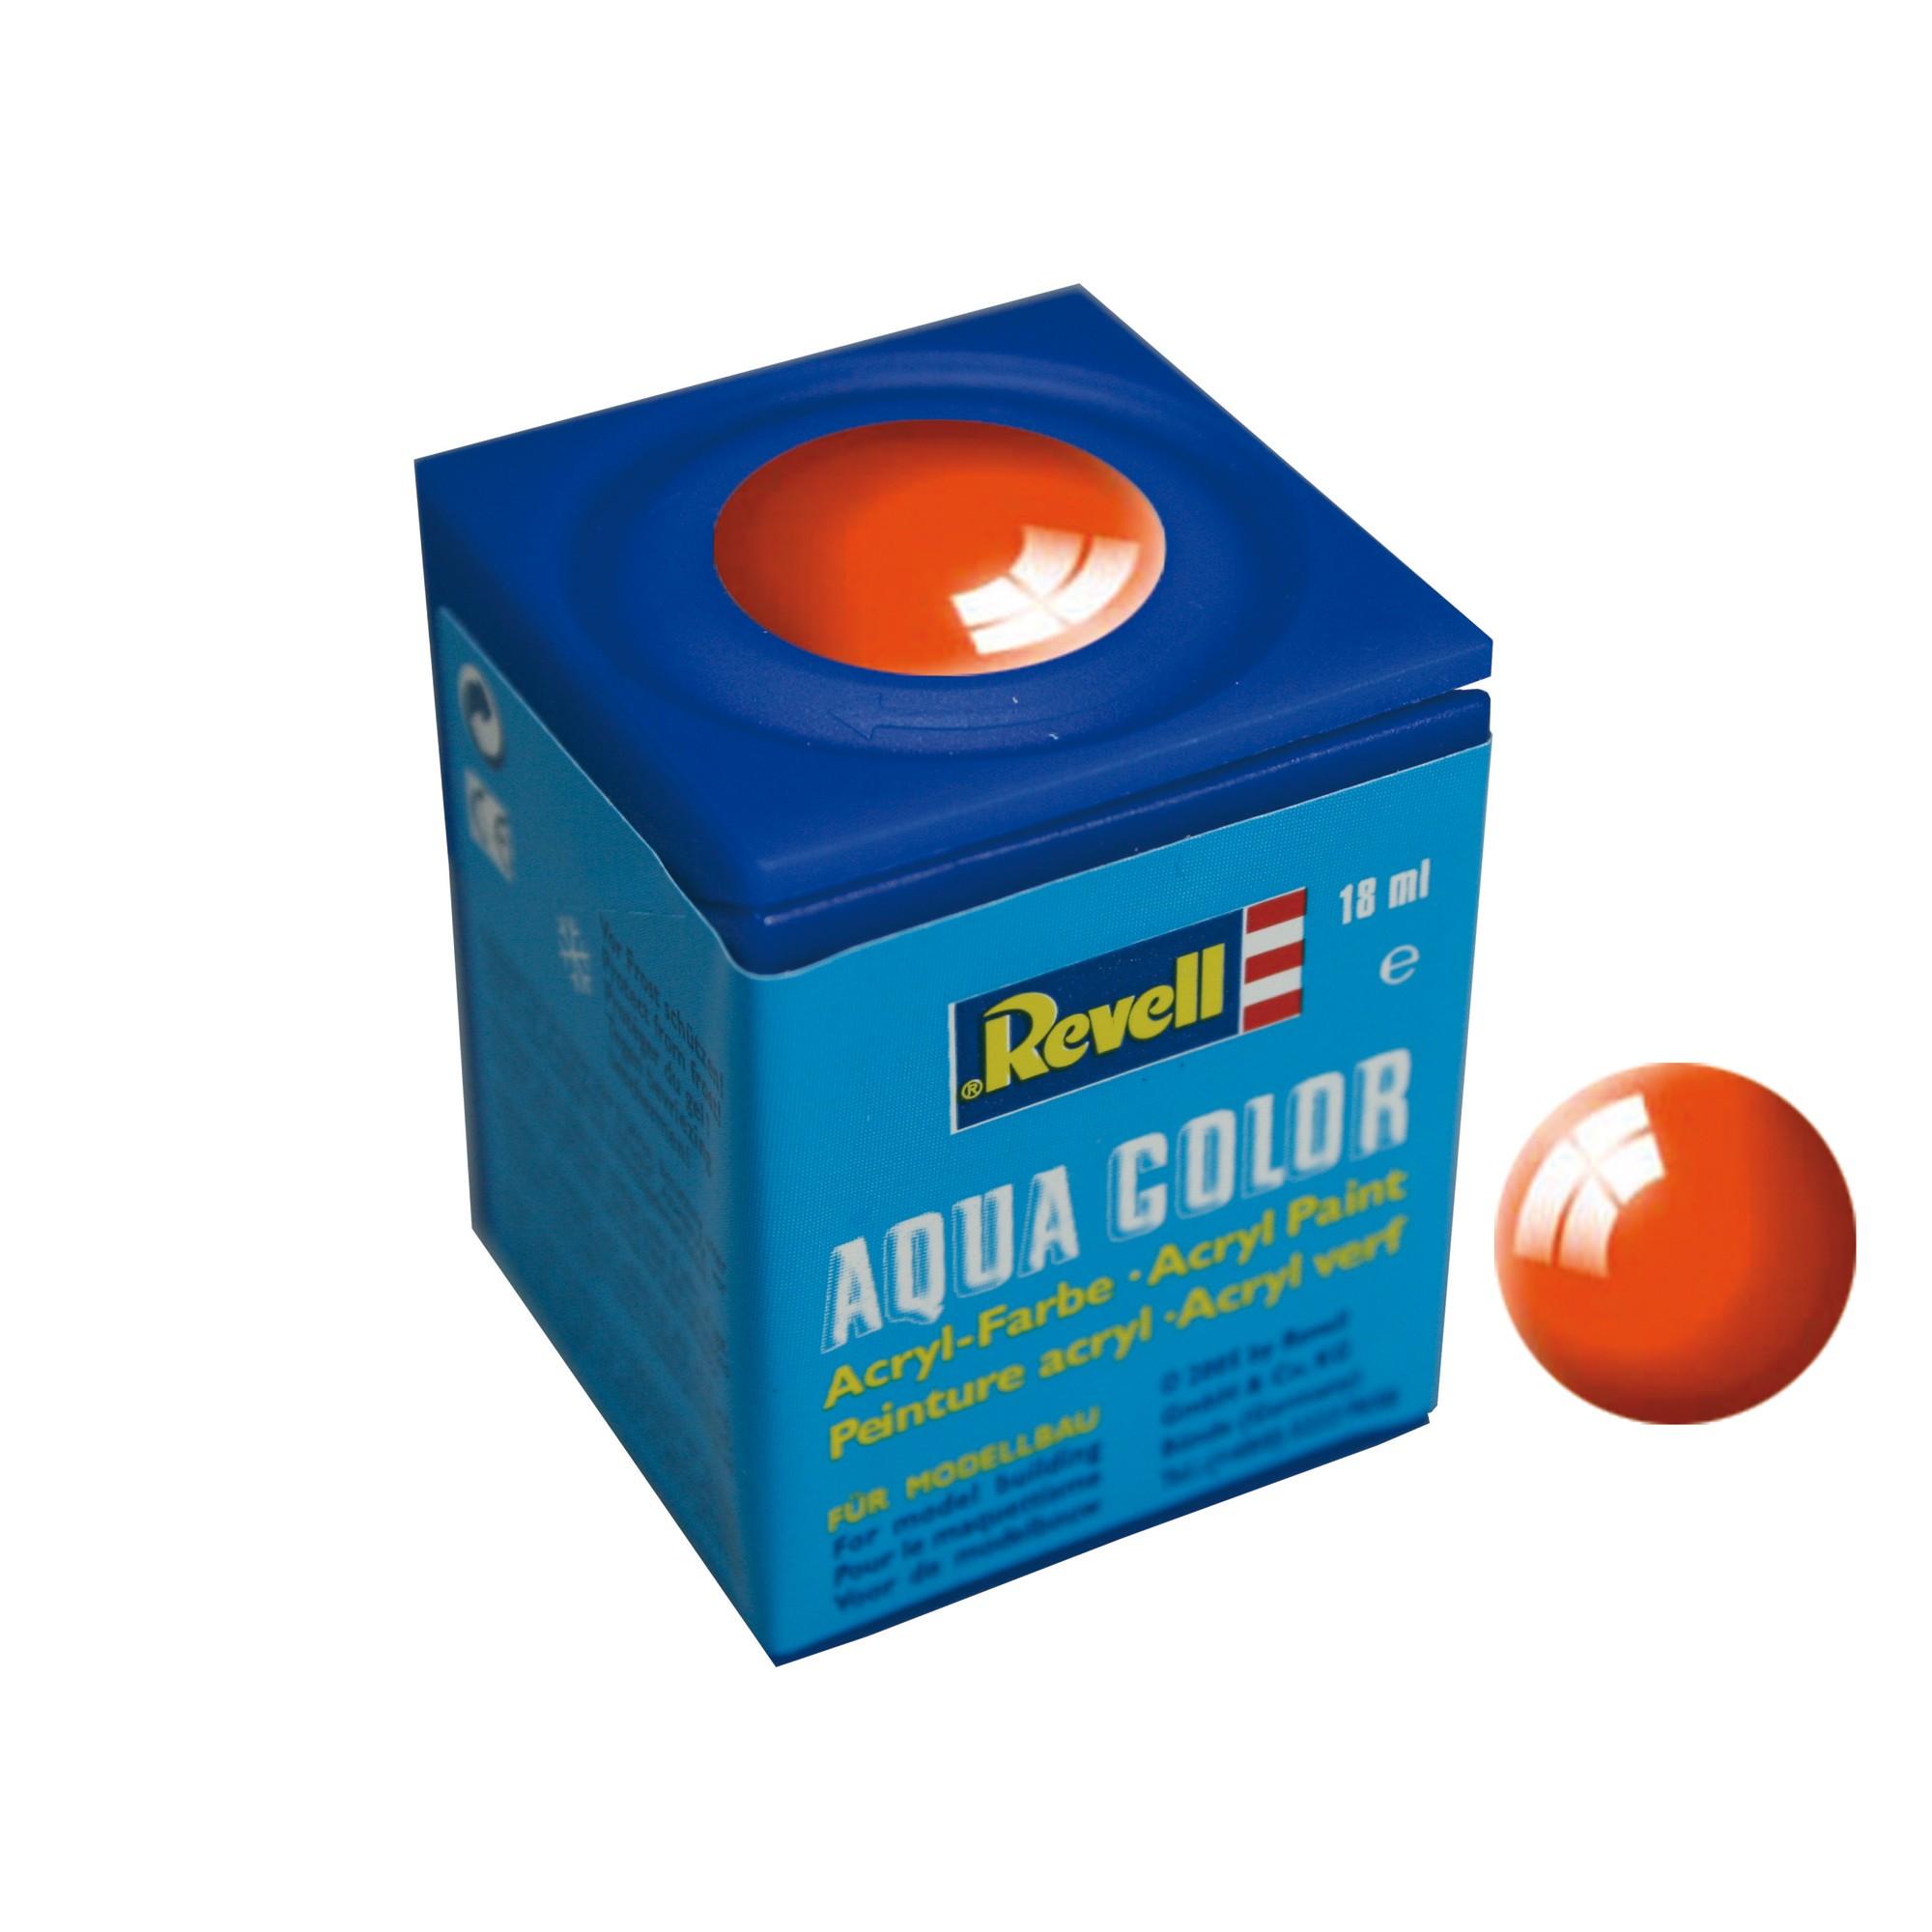 Revell Aqua Color glänzend orange